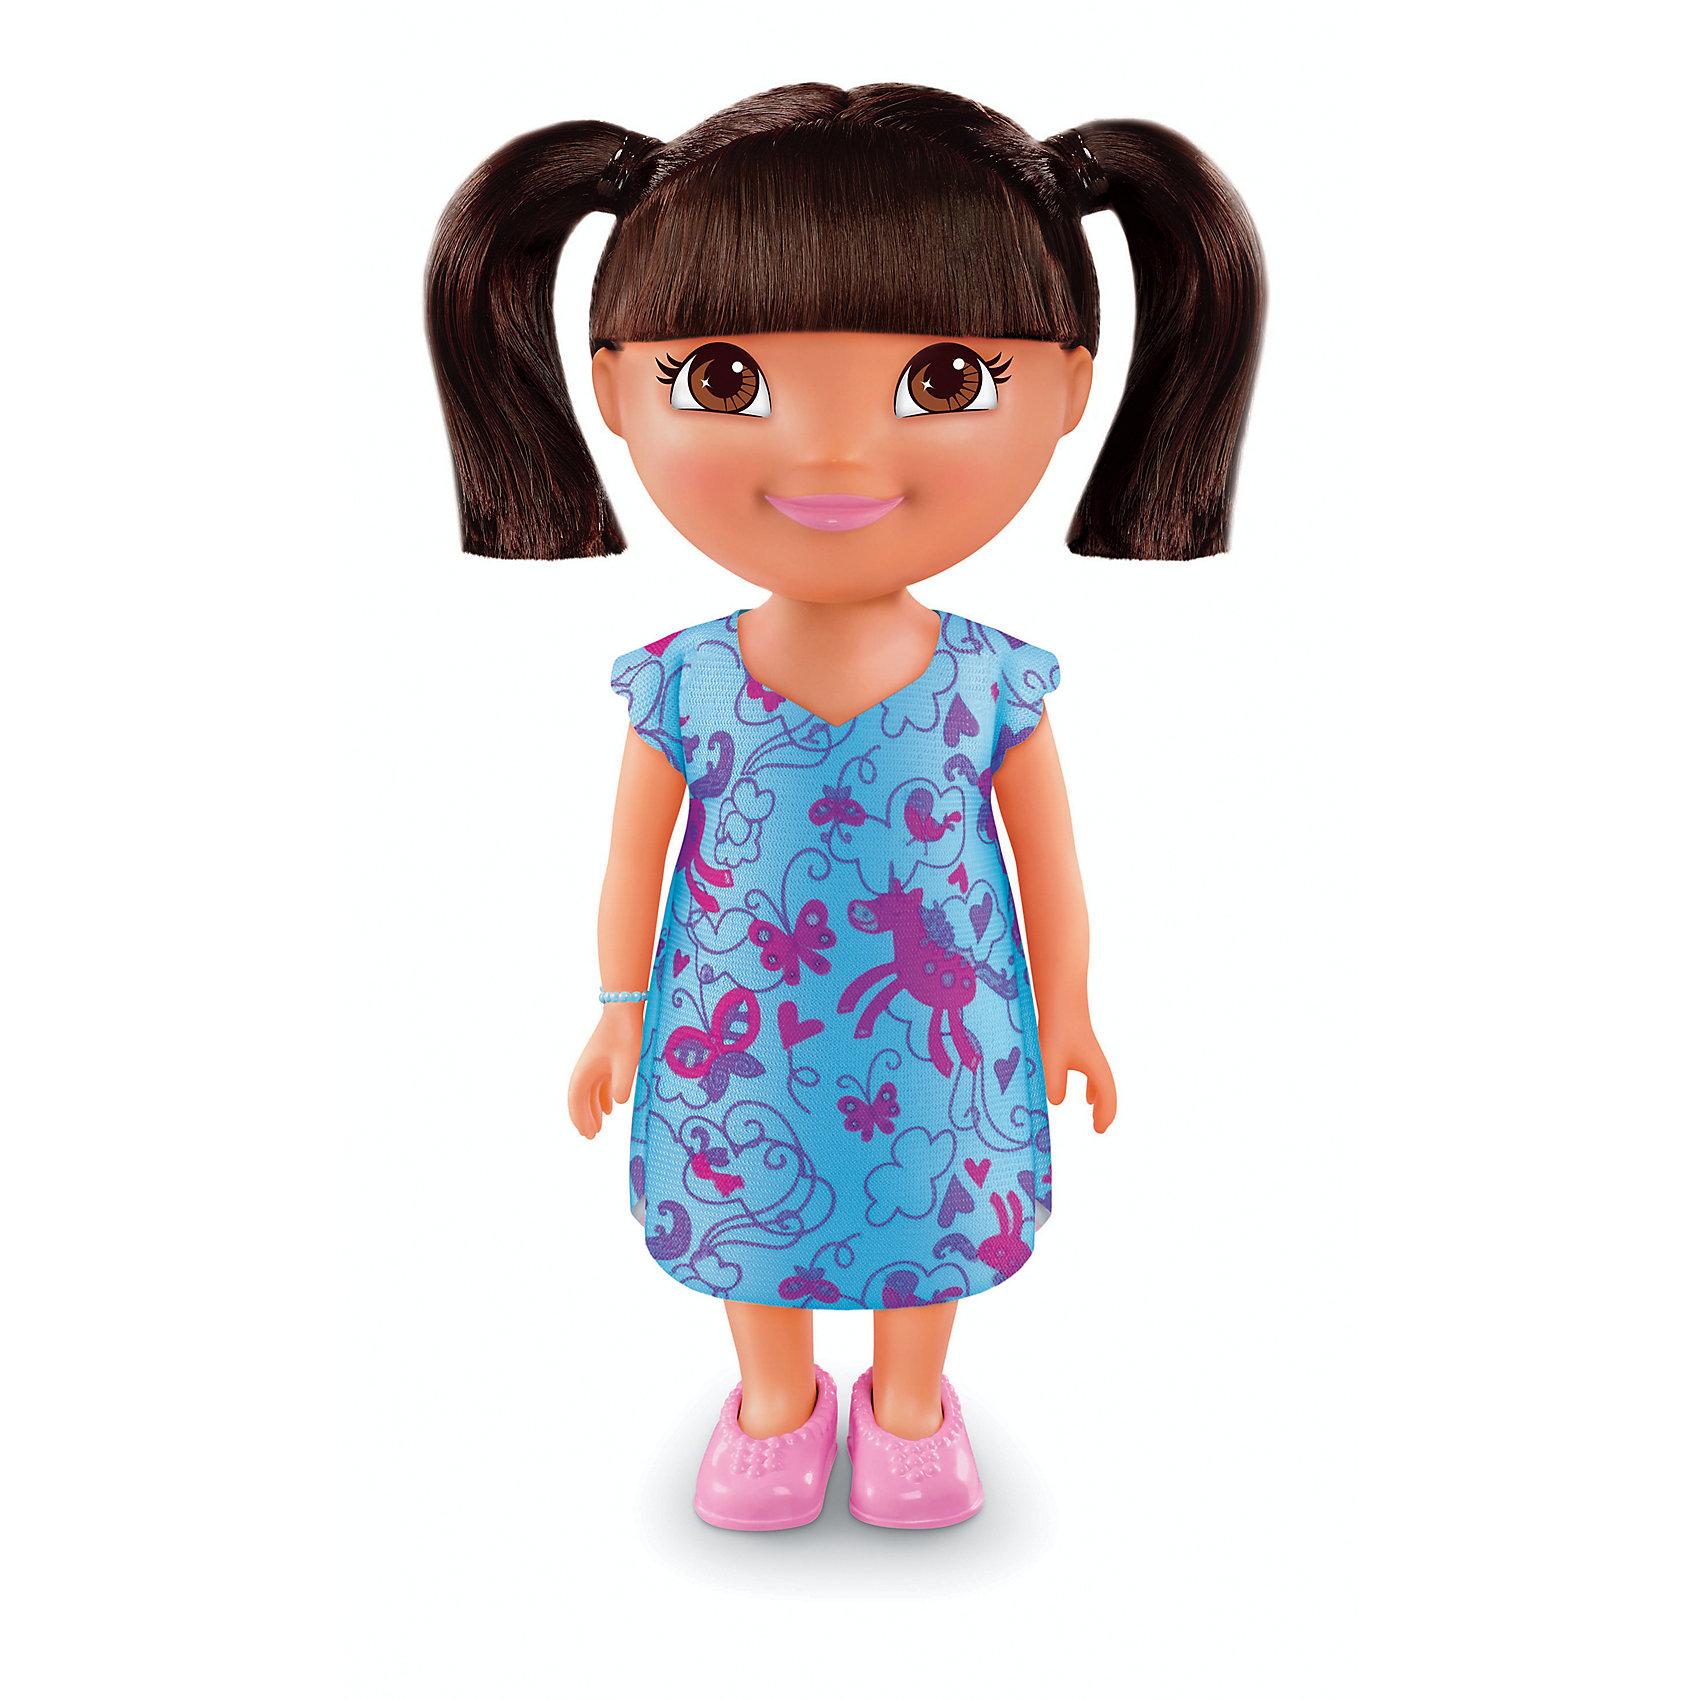 Кукла Даша-путешественница из серии Приключения каждый день, Fisher PriceКлассические куклы<br>Характеристики товара:<br><br>• возраст от 3 лет;<br>• материал: пластик, текстиль;<br>• высота куклы 22 см;<br>• размер упаковки 23х12,5х9 см;<br>• вес упаковки 238 гр.;<br>• страна производитель: Китай.<br><br>Кукла Даша-путешественница «Приключения каждый день» Fisher Price — героиня известного мультсериала про улыбчивую и любопытную Дашу, которая любит путешествовать и постоянно что-то исследовать и узнавать. Кукла одета в голубое платье с принтом, розовые туфельки, а на руке ее любимый голубой браслет. У Даши большие глаза и мягкие темные волосы, которые можно расчесывать, заплетать и украшать. Во время увлекательной игры с куклой девочка может придумывать свои истории и сюжеты.<br><br>Куклу Дашу-путешественницу «Приключения каждый день» Fisher Price можно приобрести в нашем интернет-магазине.<br><br>Ширина мм: 125<br>Глубина мм: 90<br>Высота мм: 230<br>Вес г: 238<br>Возраст от месяцев: 36<br>Возраст до месяцев: 120<br>Пол: Женский<br>Возраст: Детский<br>SKU: 6673380